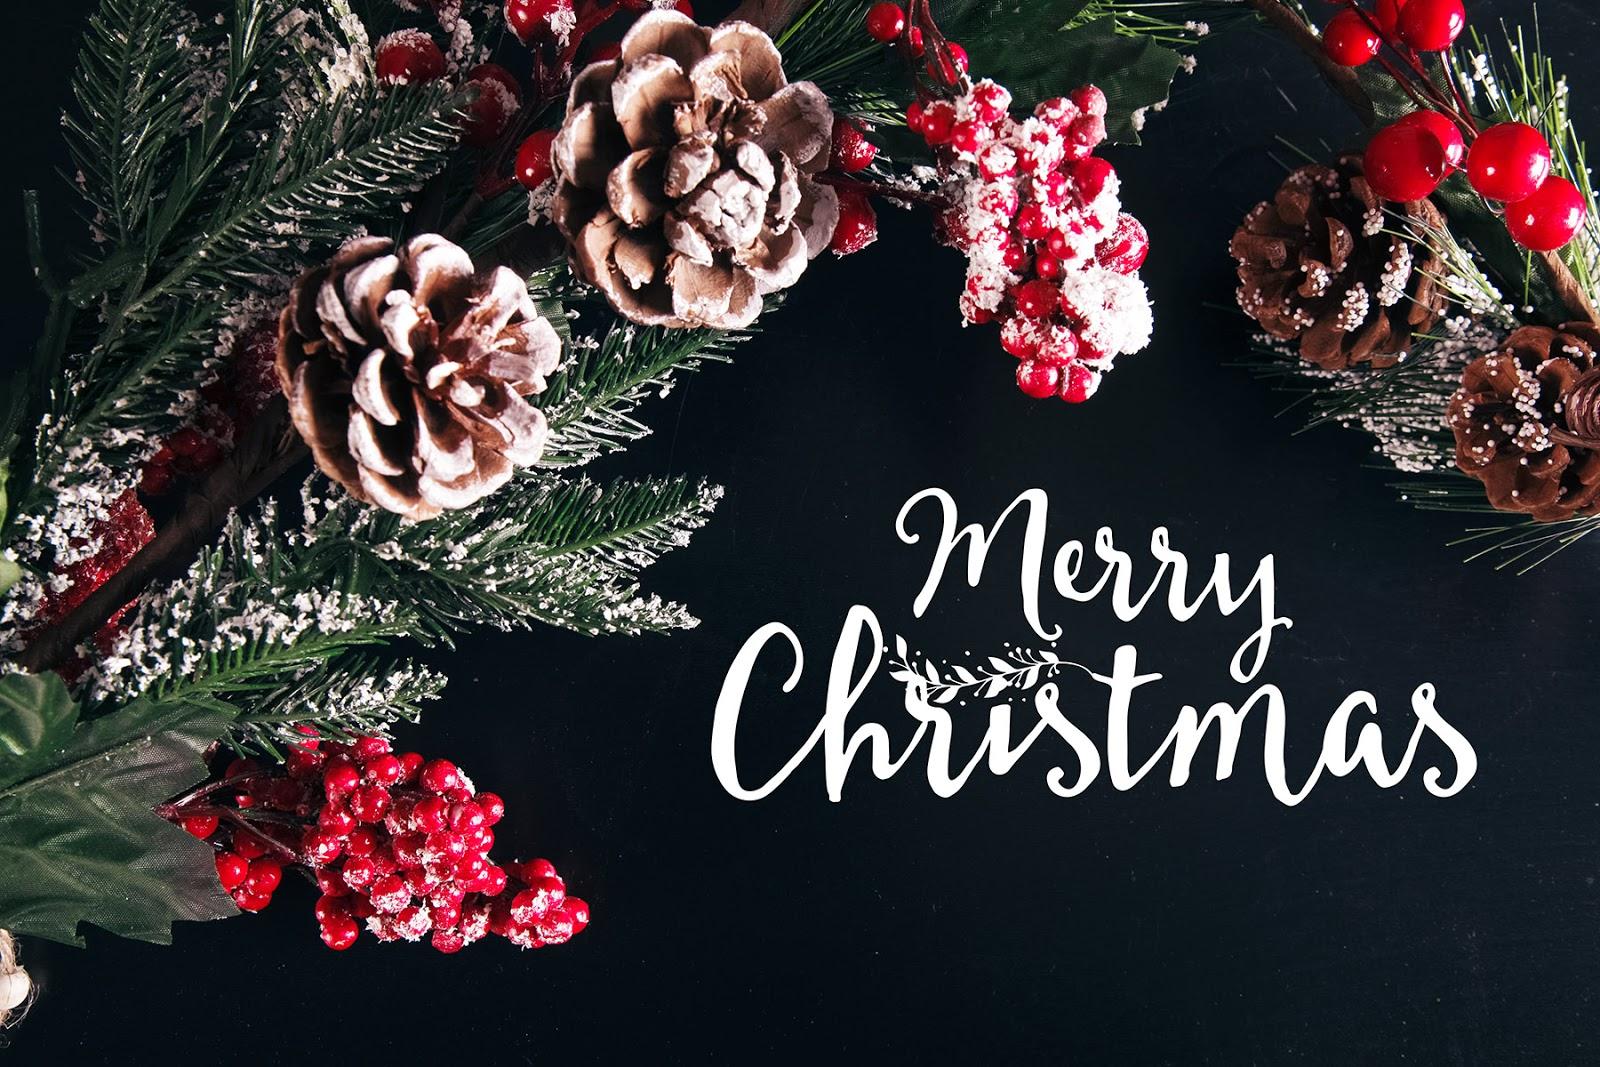 Życzenia świąteczne dla czytelników bloga!